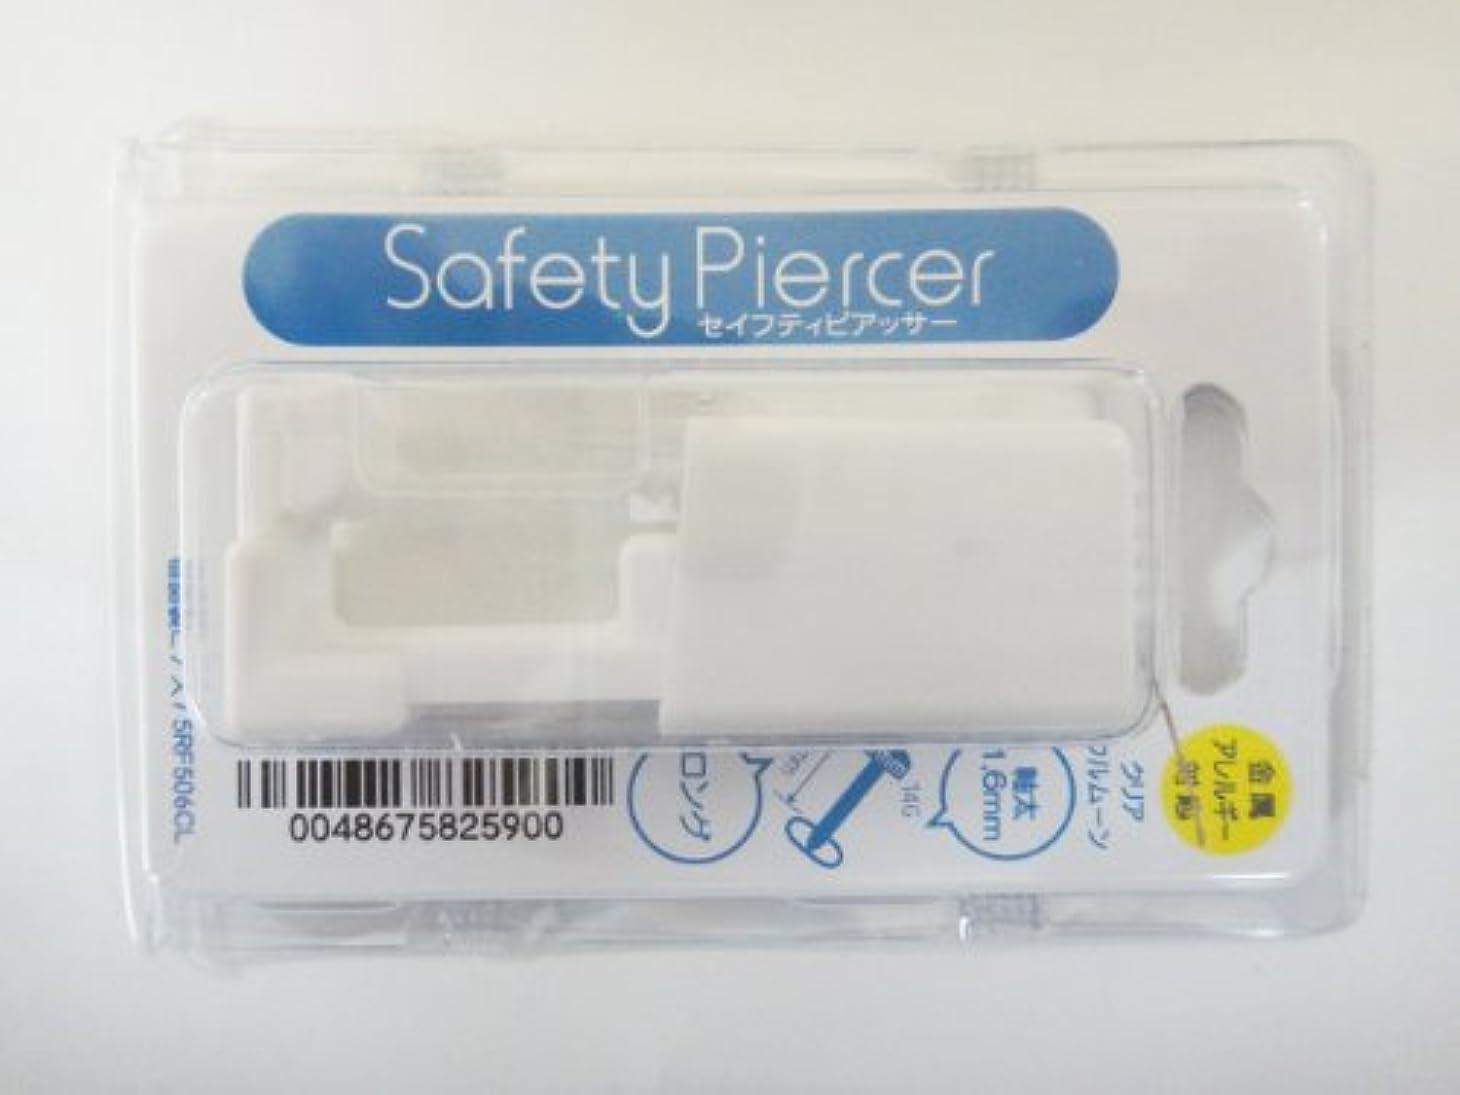 ジョブ乱すピアースセイフティーピアッサー 樹脂ピアス内蔵ピアッサー P21-5RF506CL(正規品)